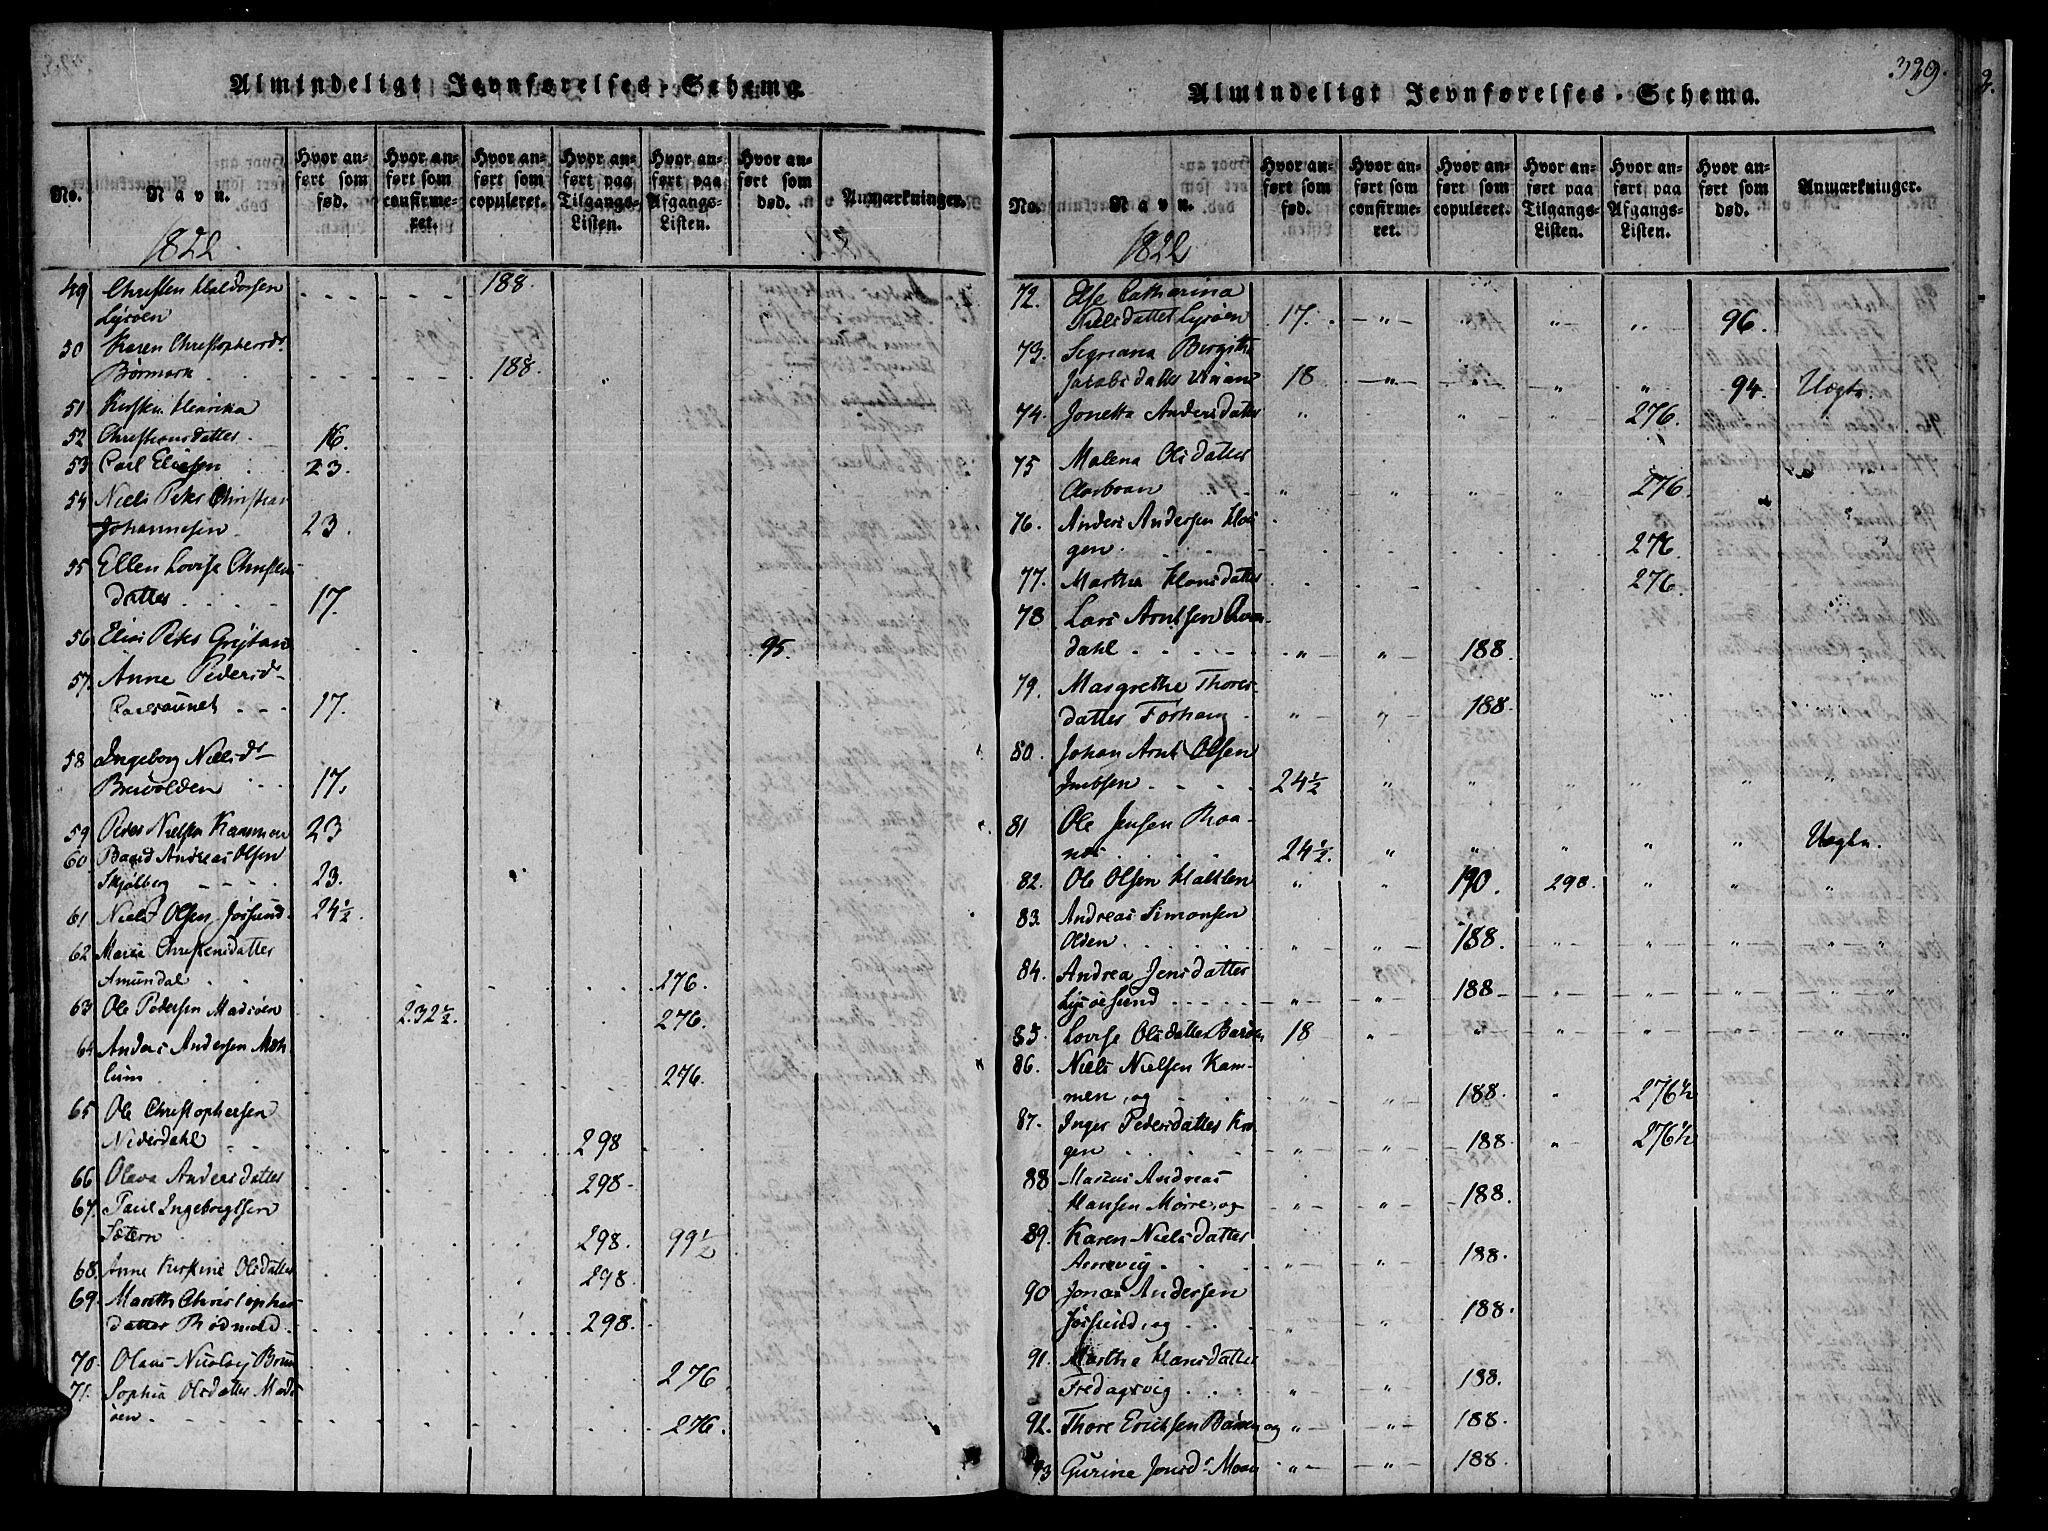 SAT, Ministerialprotokoller, klokkerbøker og fødselsregistre - Sør-Trøndelag, 655/L0675: Ministerialbok nr. 655A04, 1818-1830, s. 329